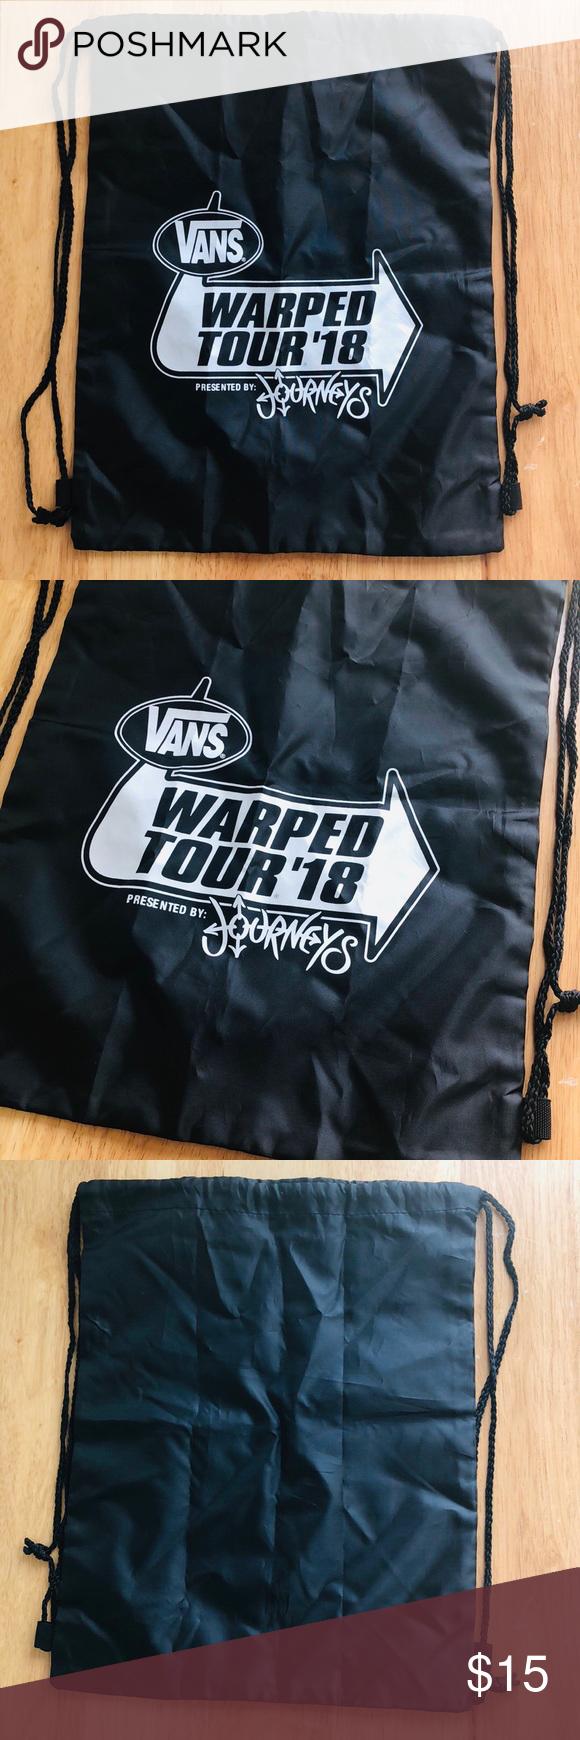 99312cdba5 Vans Warped Tour  18 Drawstring Bag Vans Warped Tour  18 Drawstring Bag New